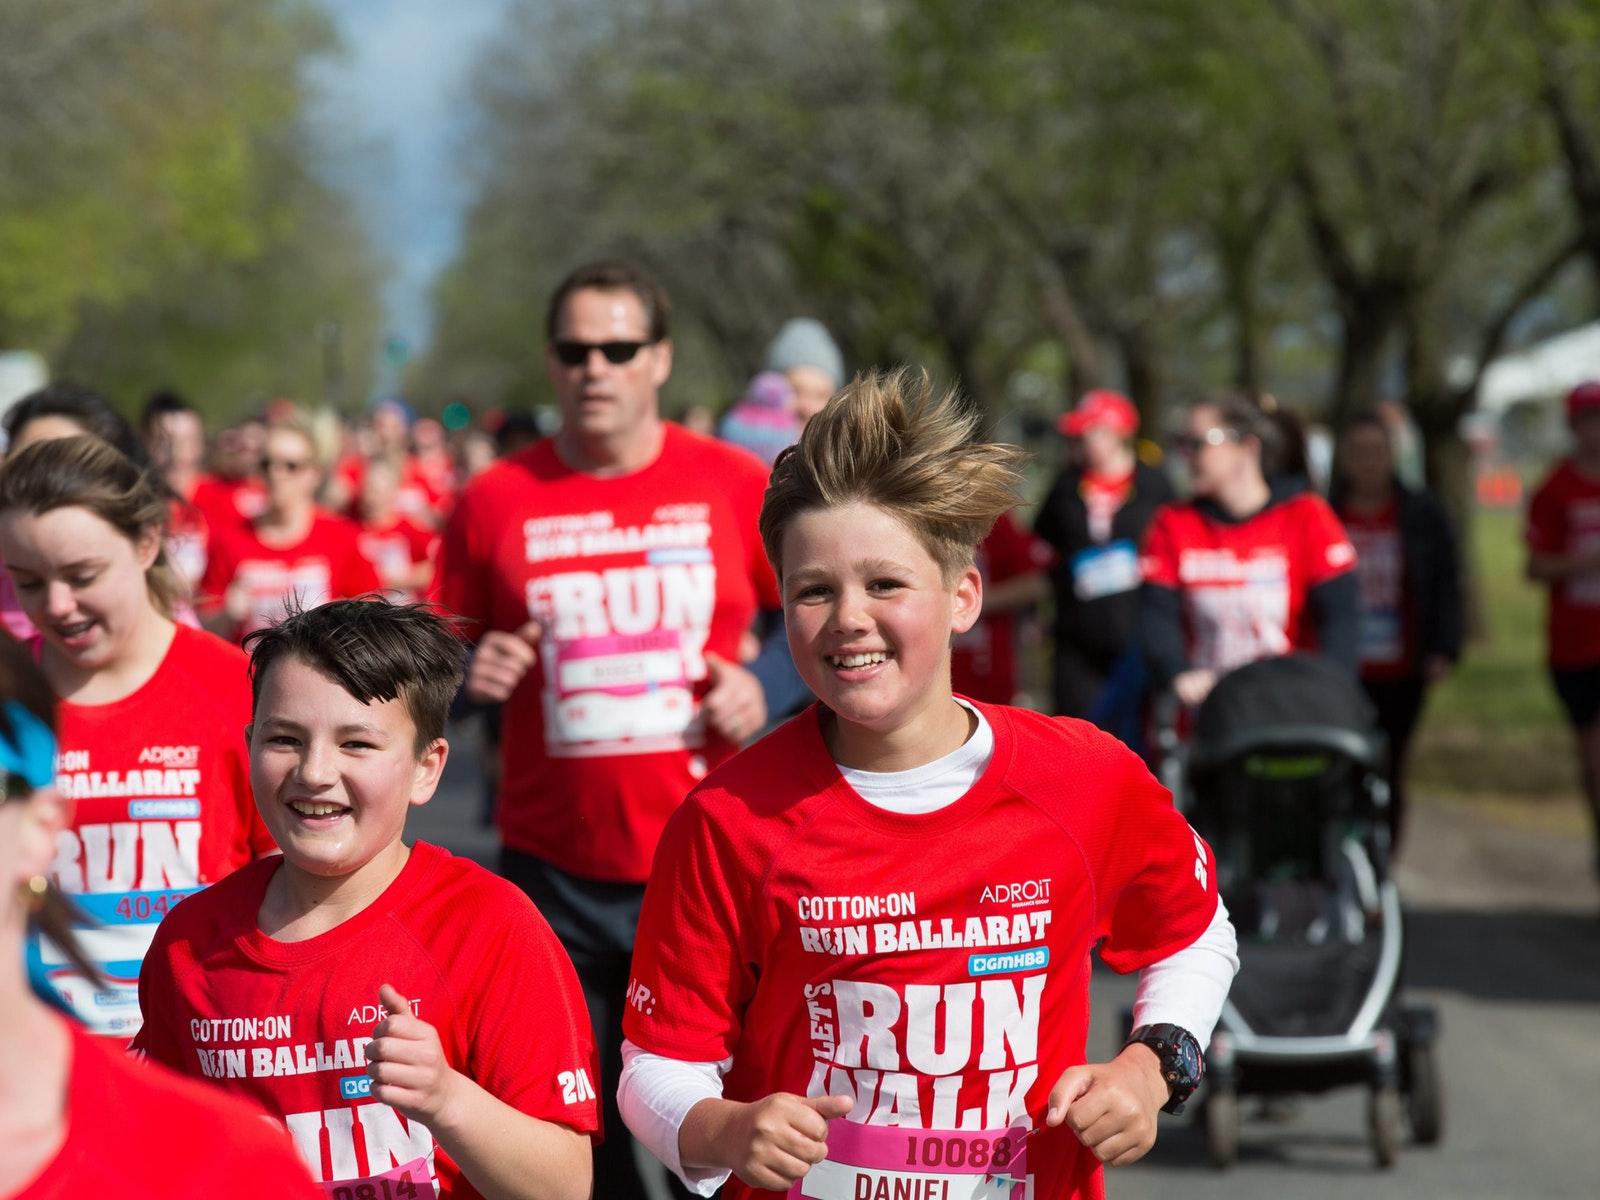 Run Ballarat